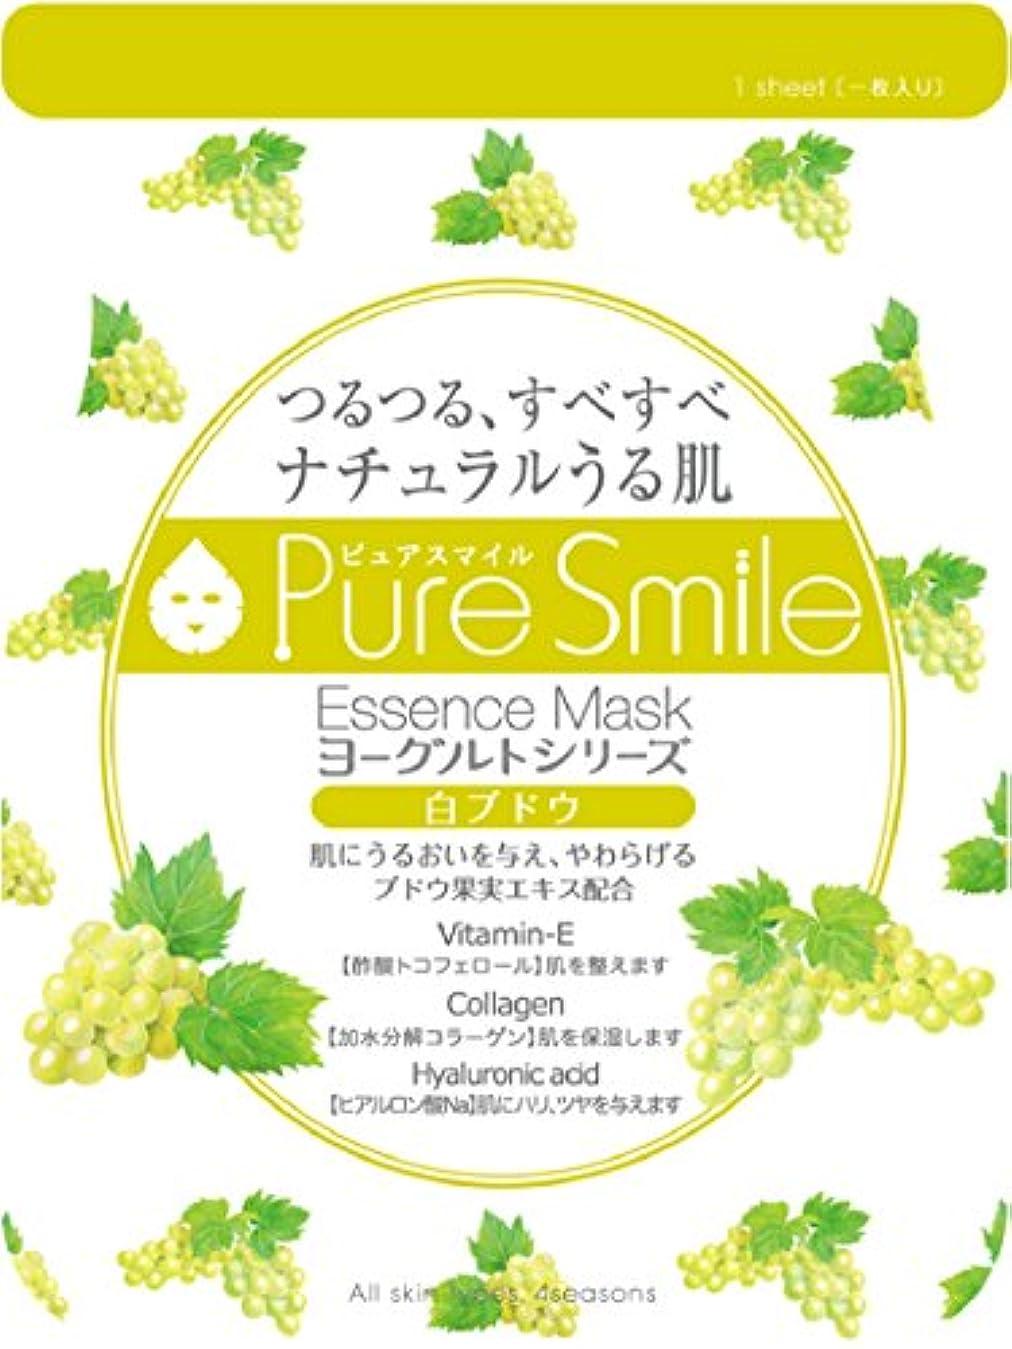 シャツ船員増強するPure Smile エッセンスマスク ヨーグルトシリーズ 白ブドウ 23ml?30枚